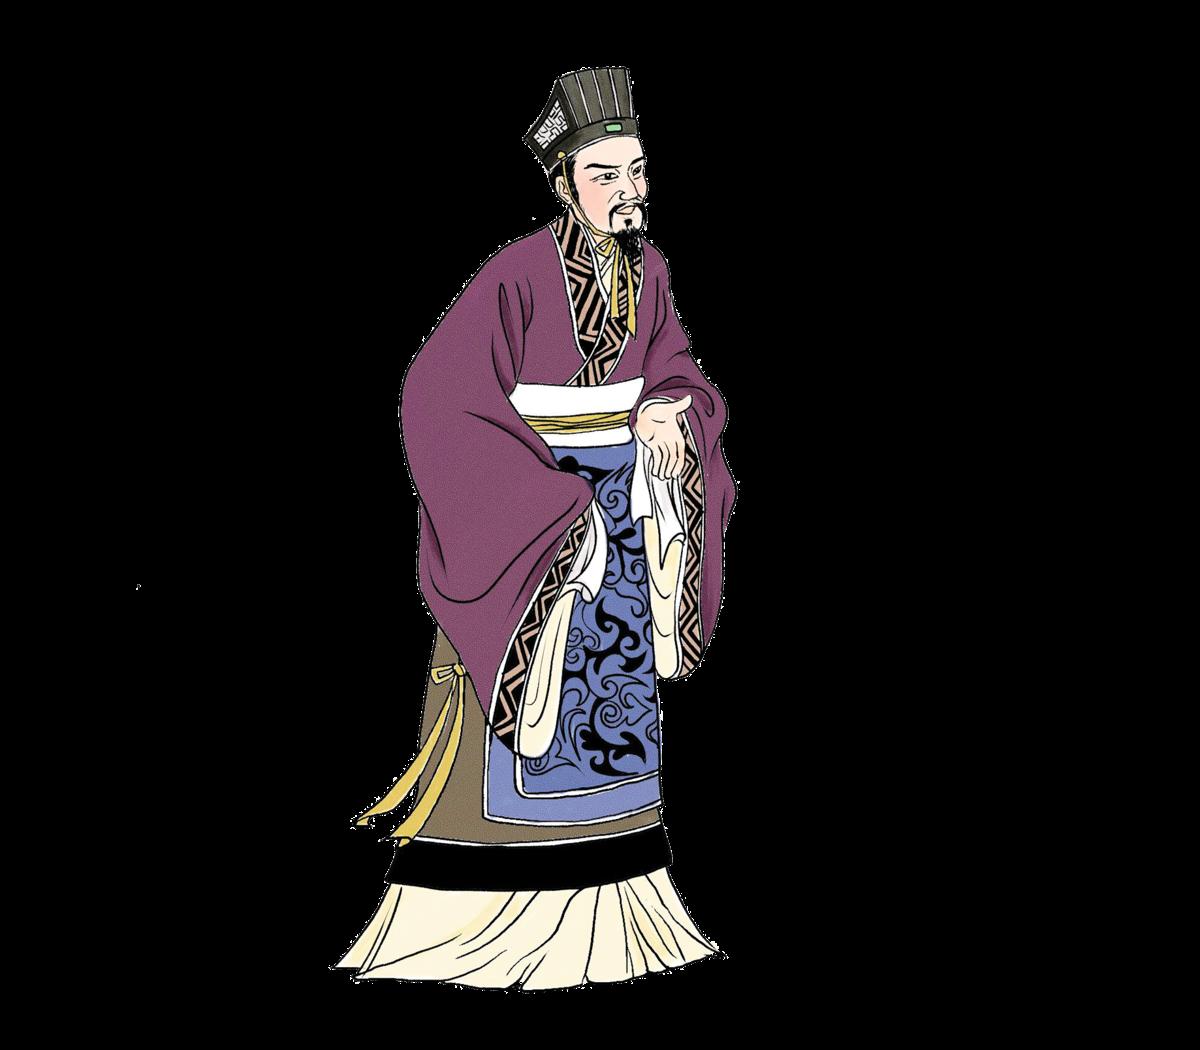 陸賈,西漢初期的政治家,成功遊說南越臣服大漢。